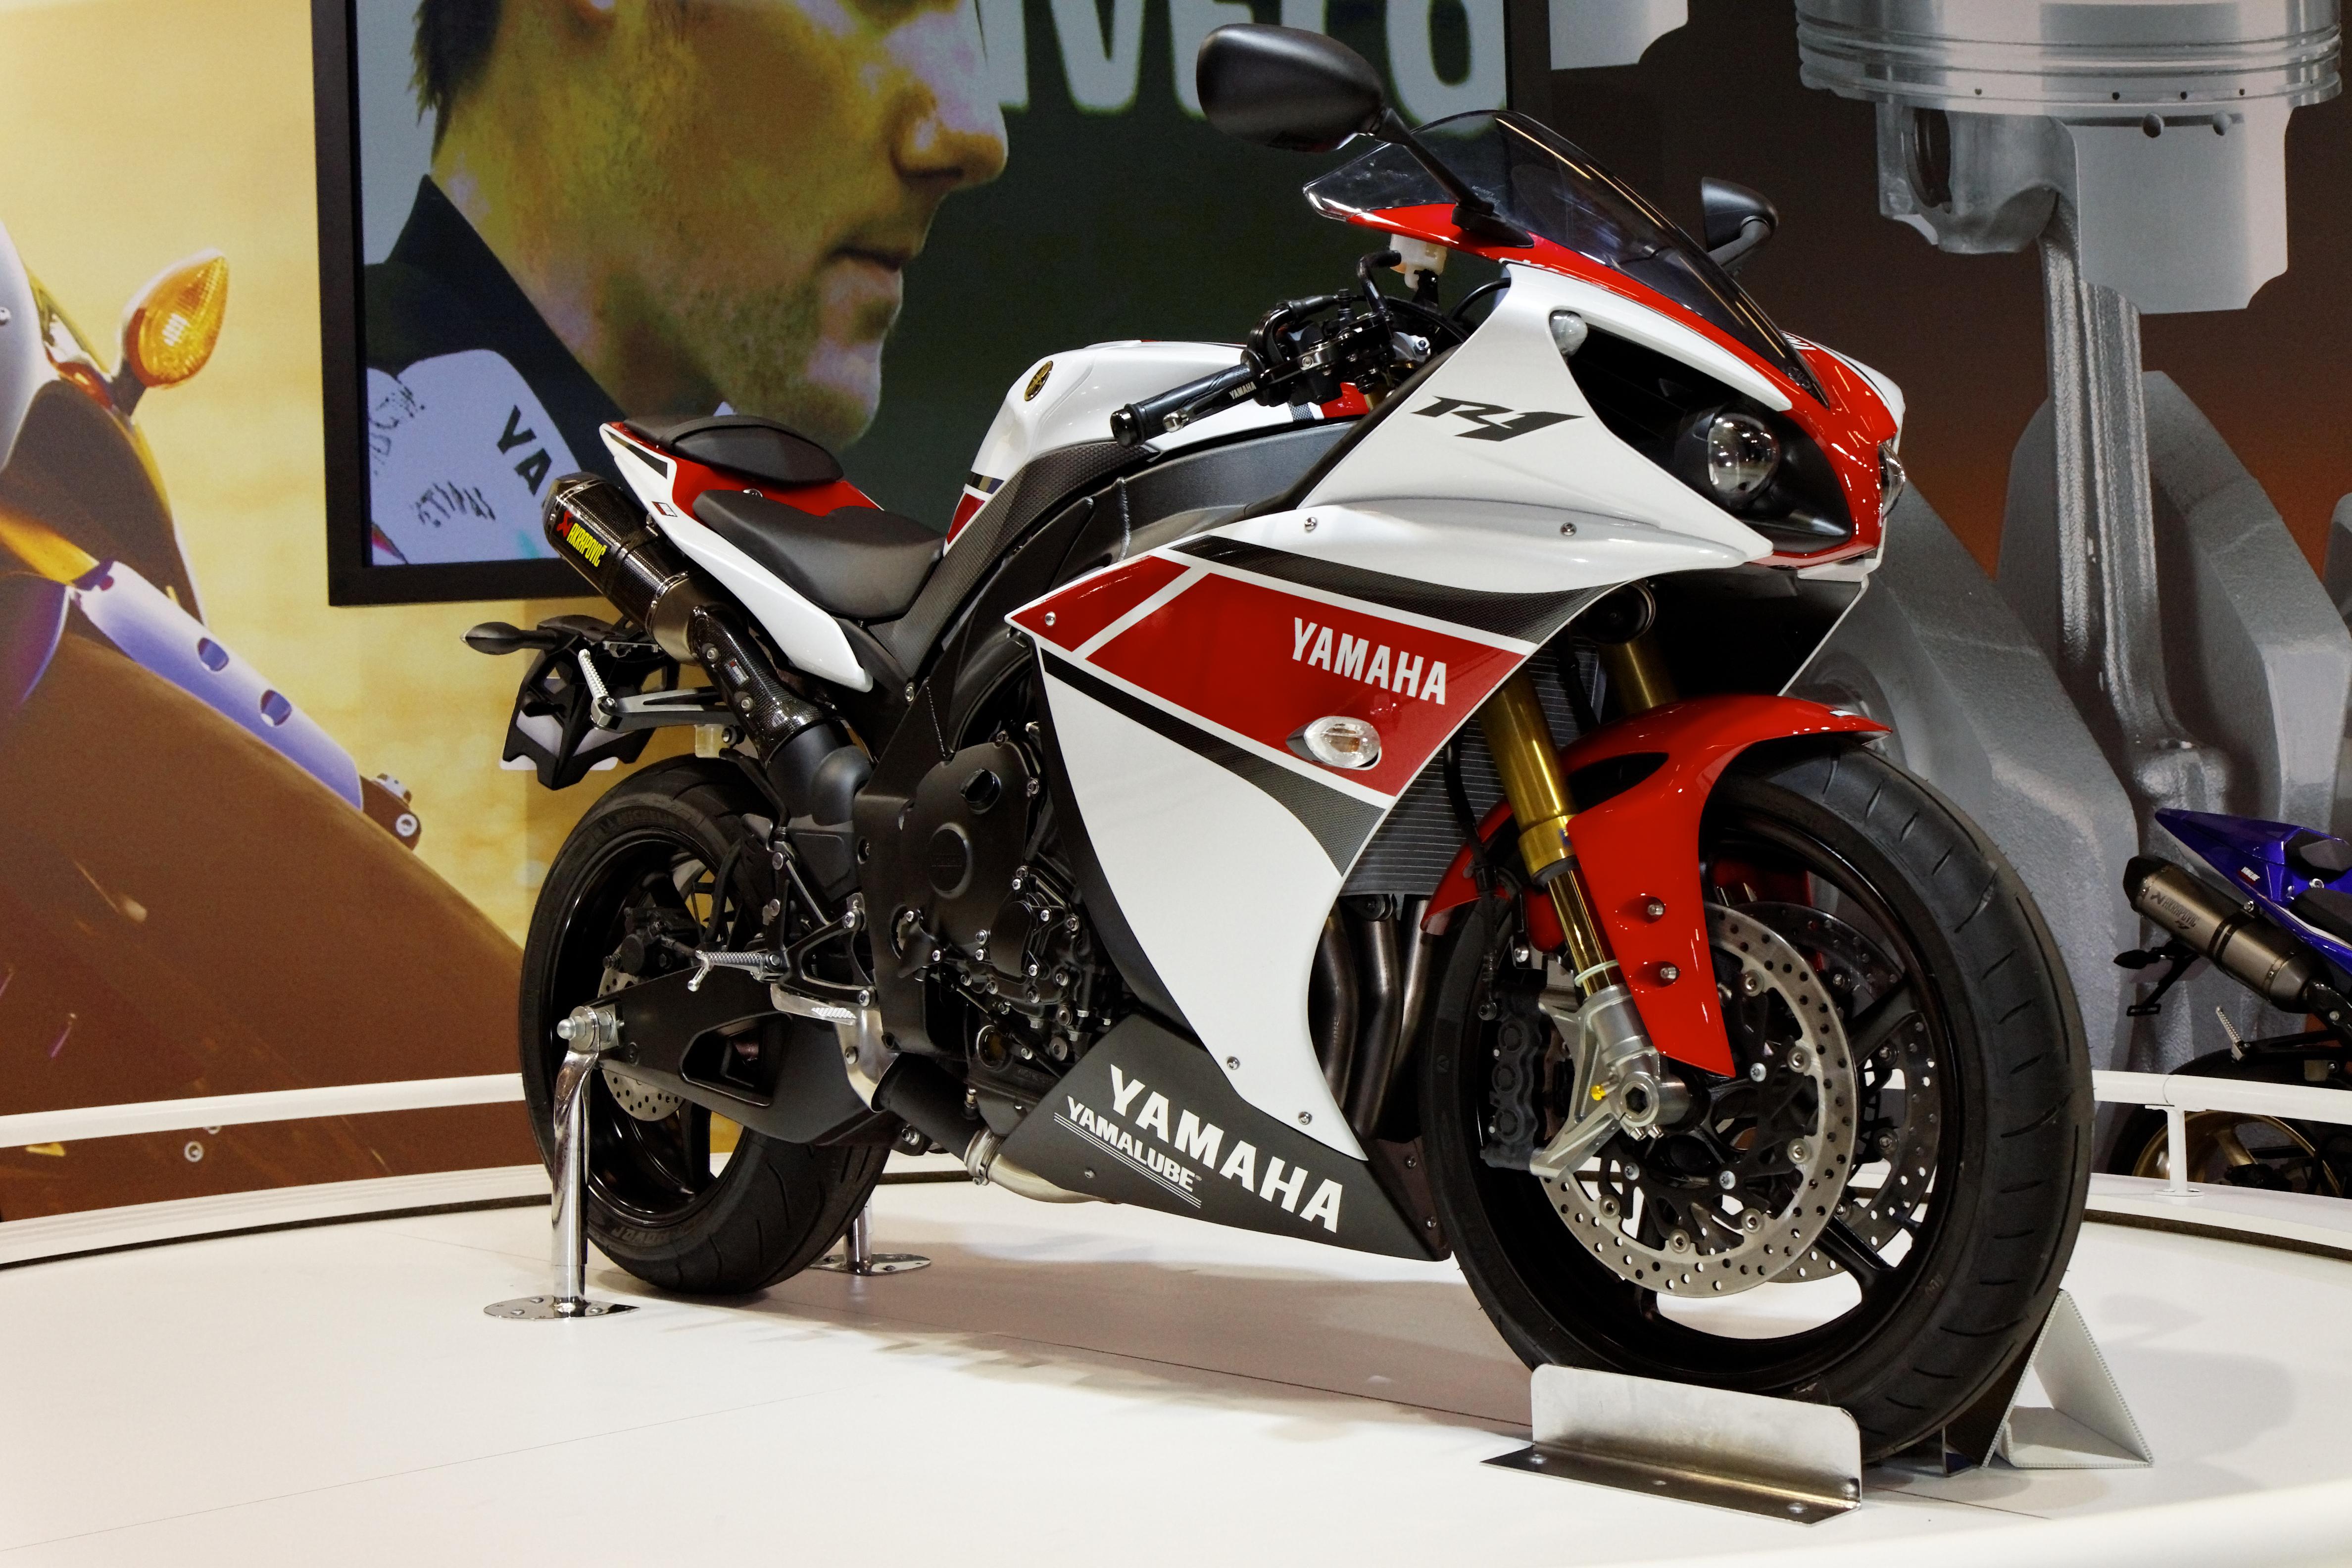 Connu File:Paris - Salon de la moto 2011 - Yamaha - YZF-R1 - 005.jpg  JZ34